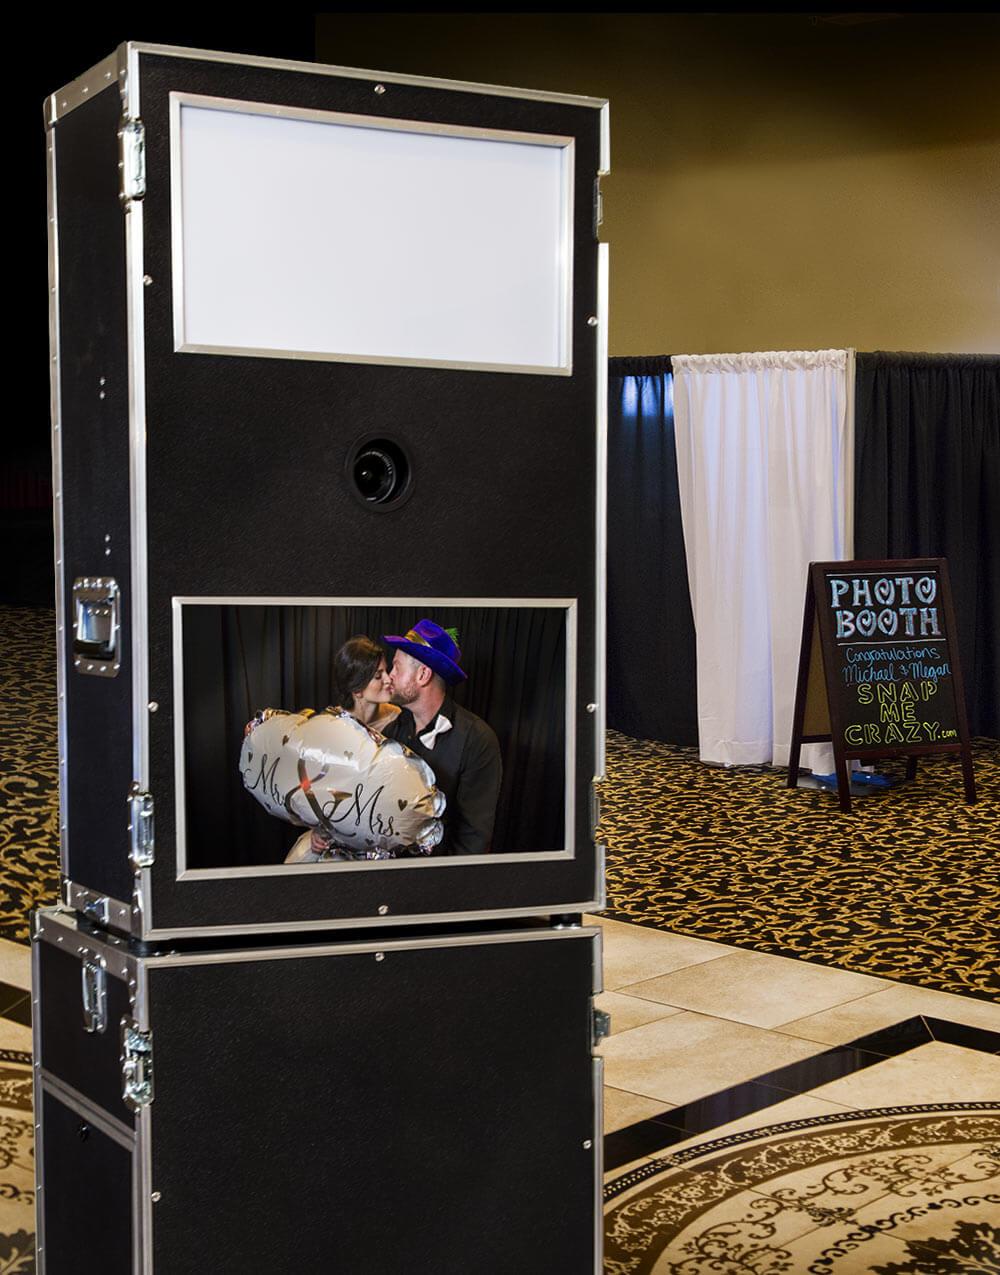 photo booth at wedding reception oin Oklahoma City, Oklahoma